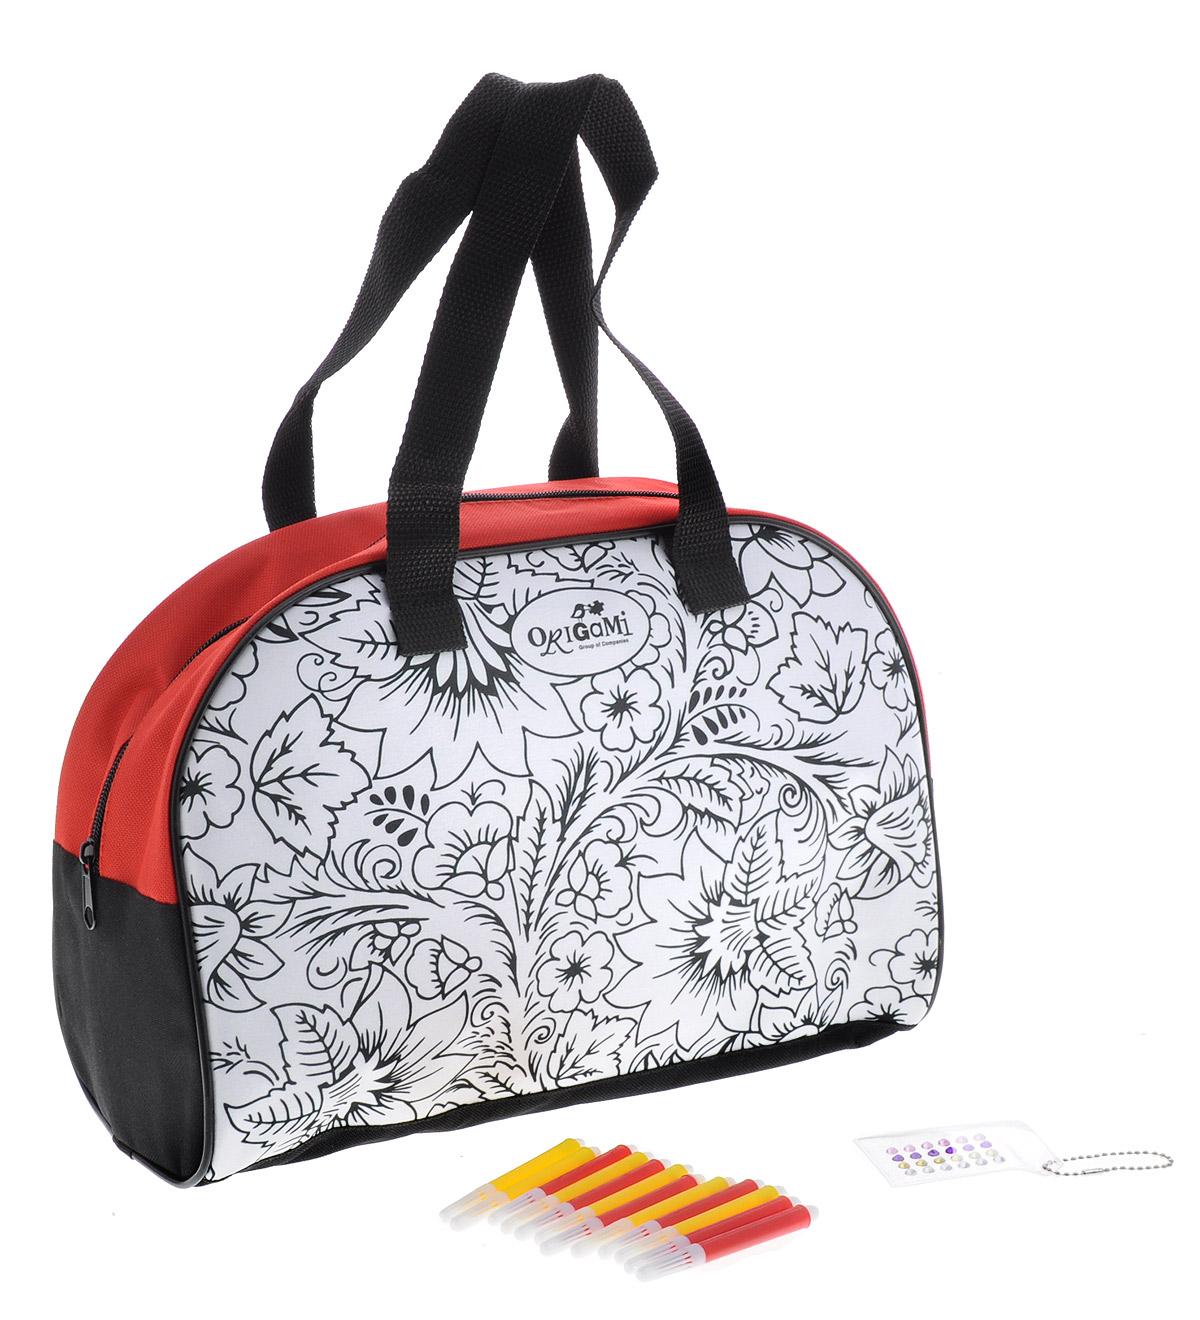 Набор для творчества Origami Раскрашиваем сумку: хохломаAST000000000171086Набор Origami Раскрашиваем сумку: хохлома, несомненно, порадует любую девочку и надолго займет ее внимание. Набор содержит сумку для раскрашивания с авторским дизайном, выполненным в стиле хохломской росписи, 5 водостойких маркеров (сиреневого, желтого, салатового, голубого и розового цветов) и самоклеящиеся украшения для декорирования. Сумка с двумя удобными ручками выполнена из прочного полиэстера; закрывается на застежку-молнию. Повседневная вместительная сумка незаменима для любительниц активного отдыха, путешествий и прогулок по городу. С помощью элементов набора ваш ребенок сможет самостоятельно создать эксклюзивную сумку на свой вкус и цвет, а простая инструкция покажет, как это сделать. Набор Origami Раскрашиваем сумку: хохлома помогает развить мелкую моторику рук, развивает цветовое восприятие, а также воспитывает художественный вкус.